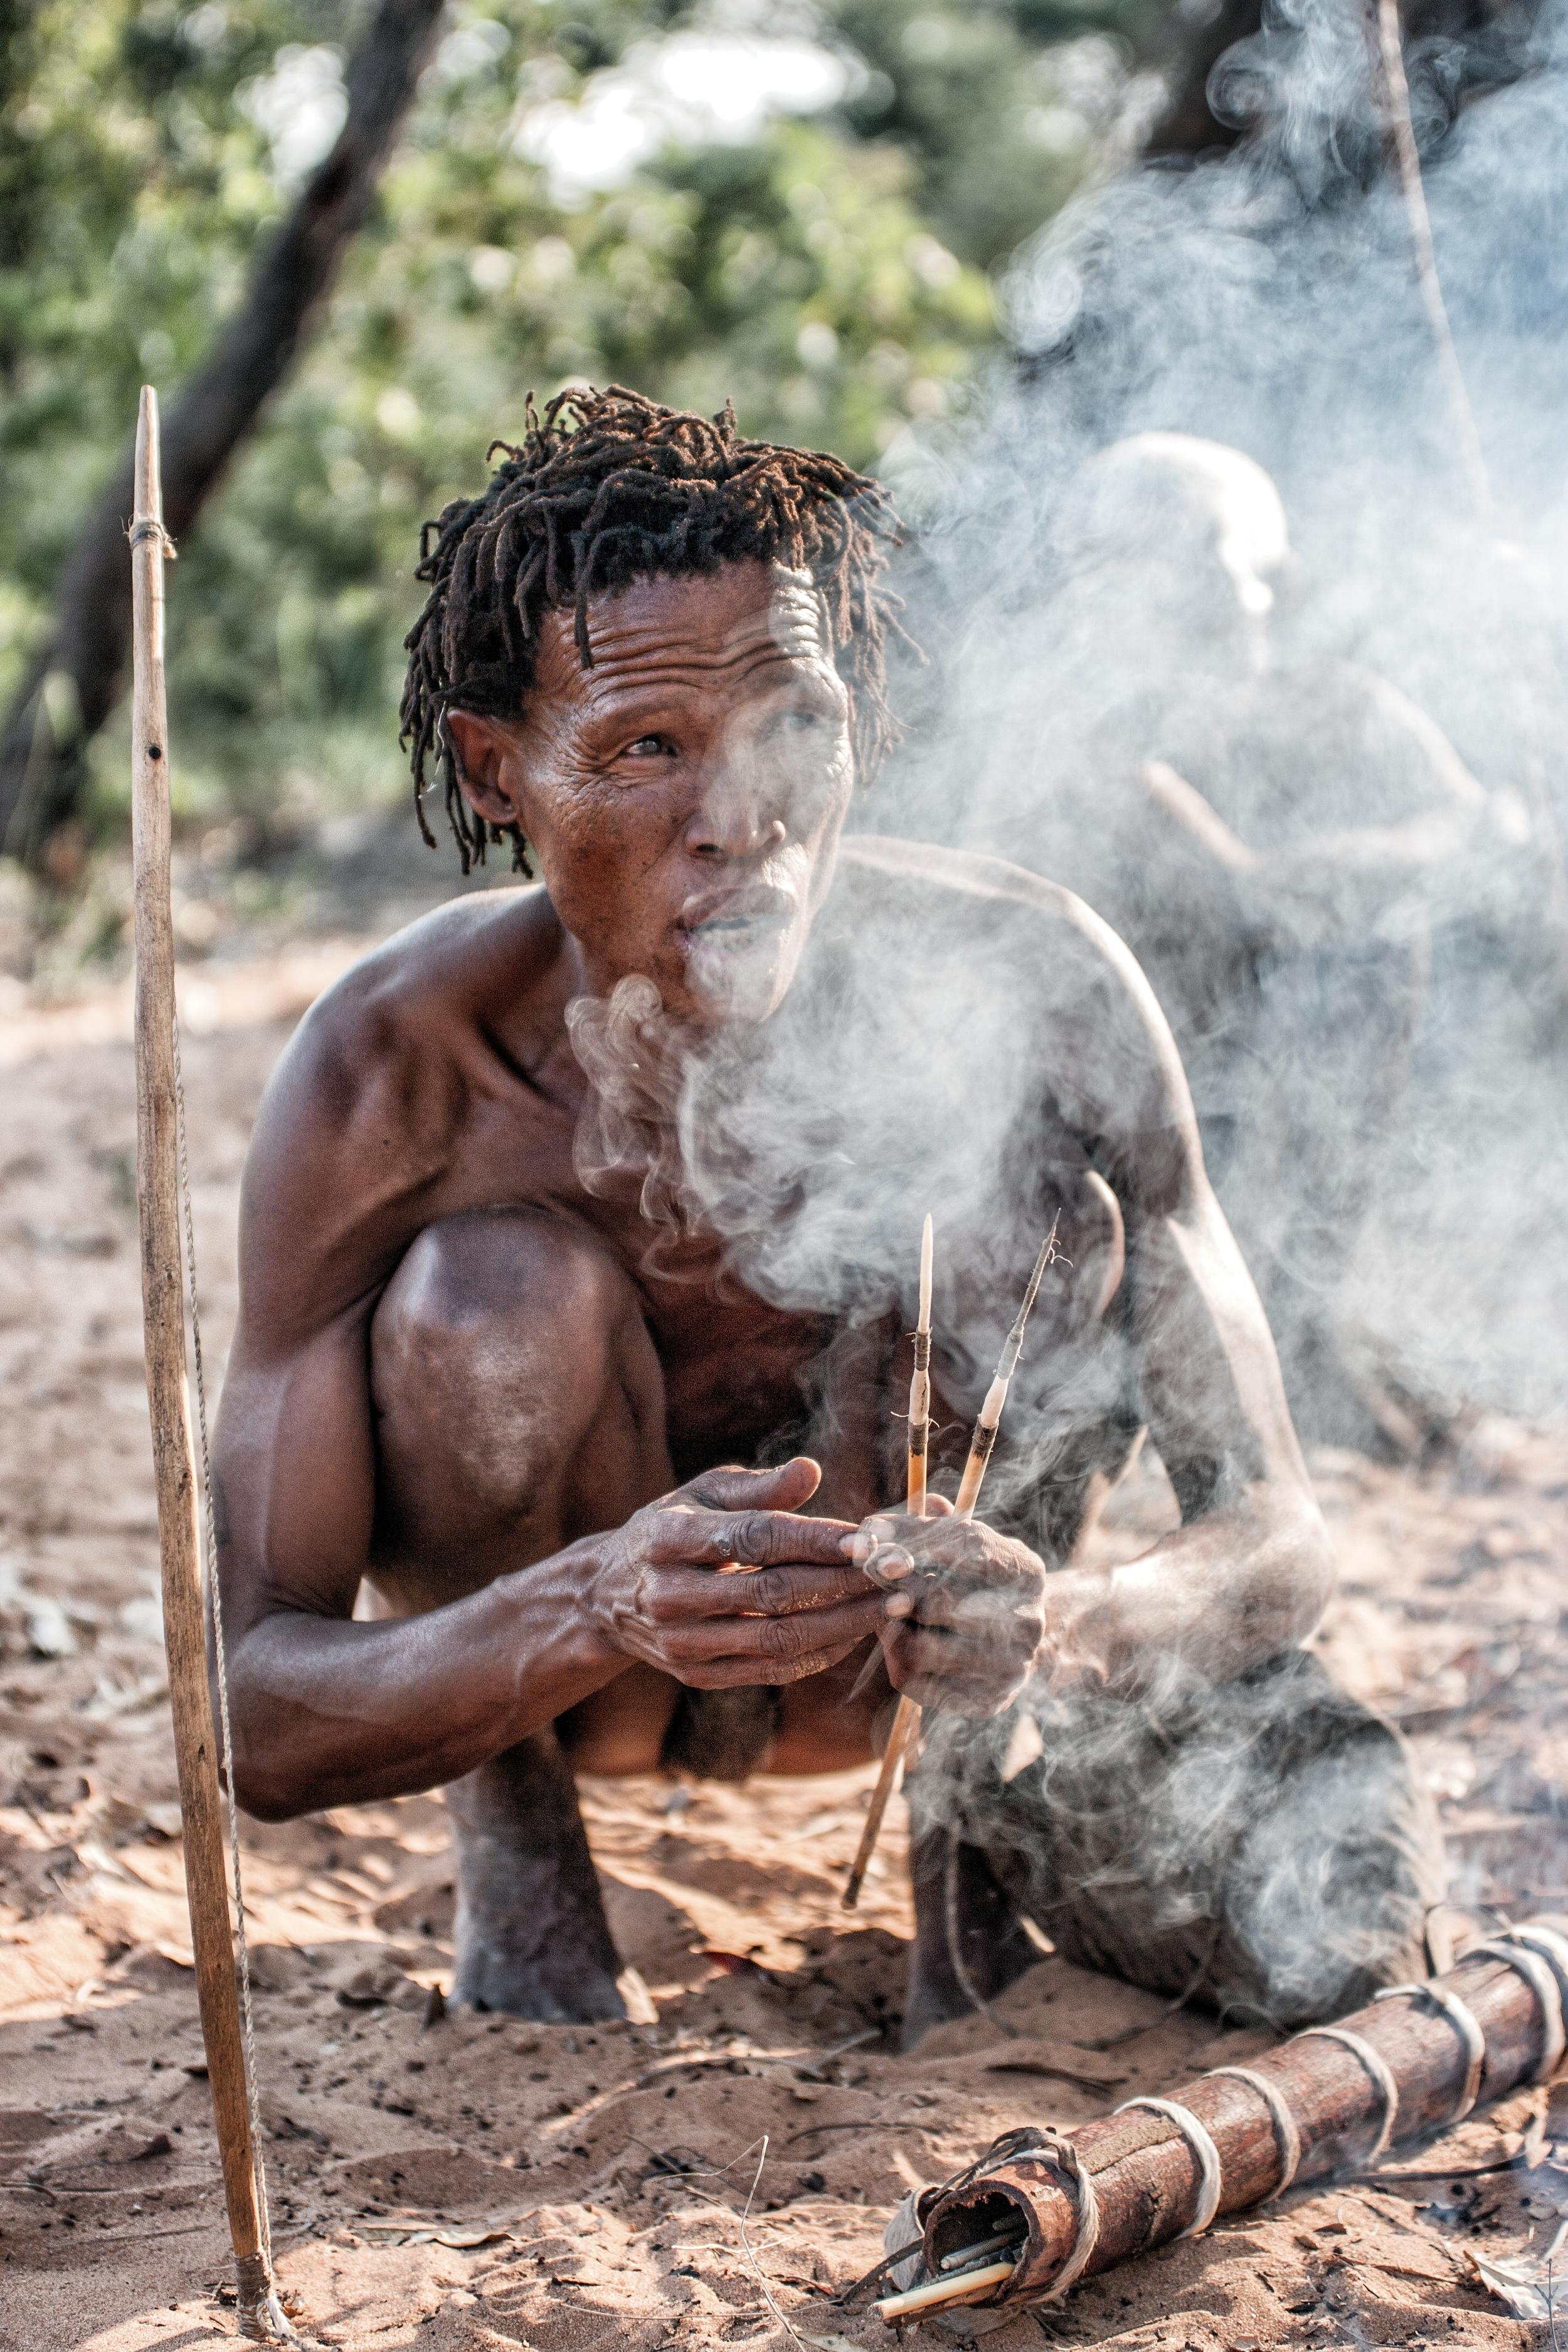 bushmen: hunters and gatherers